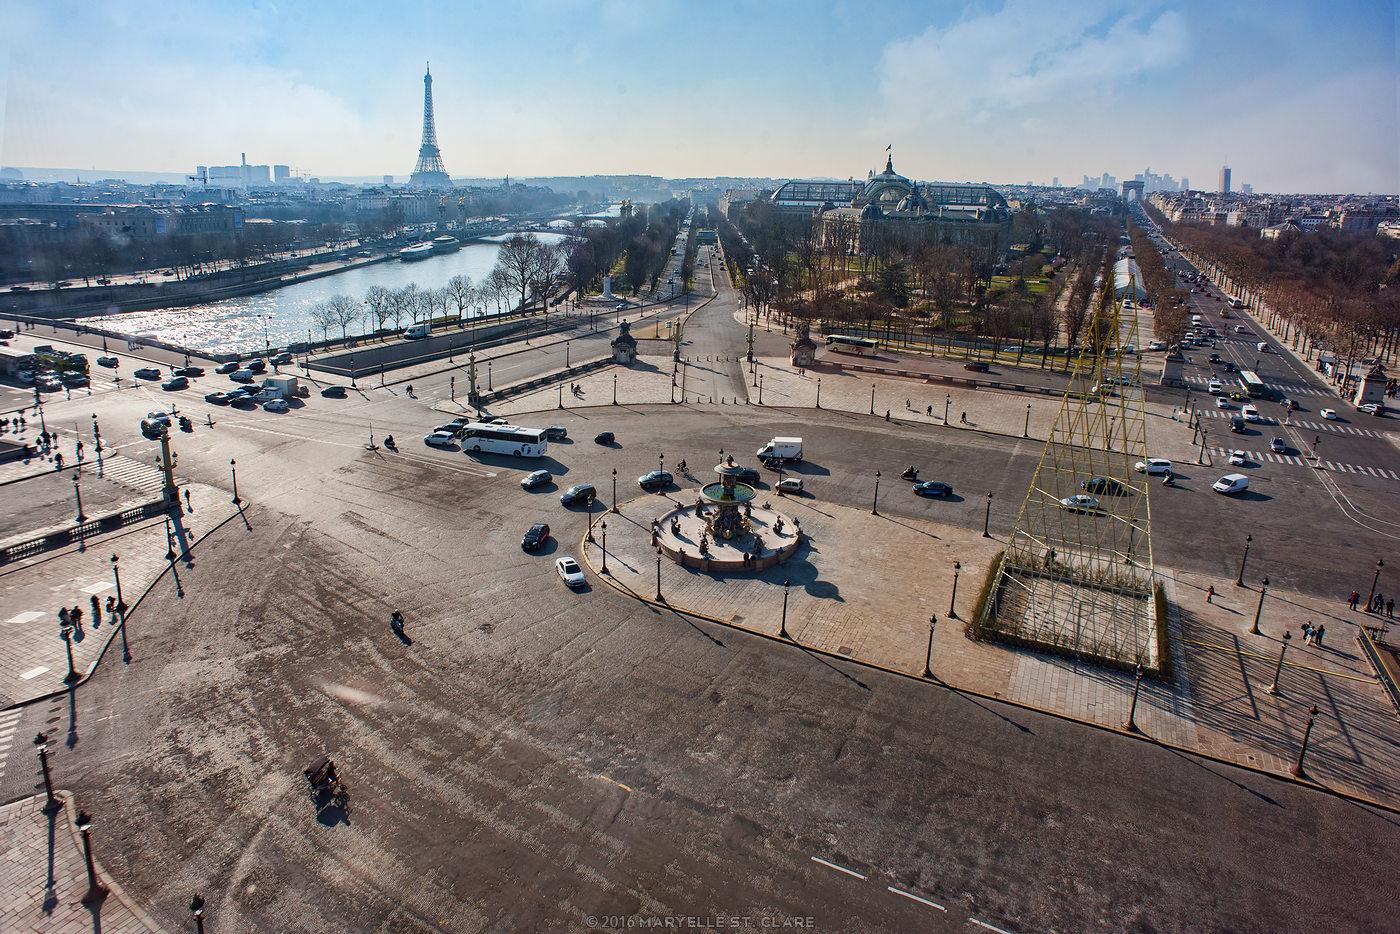 Paris, France, 2016. Looking toward the Champs-Elysées from inside La Roue de Paris.